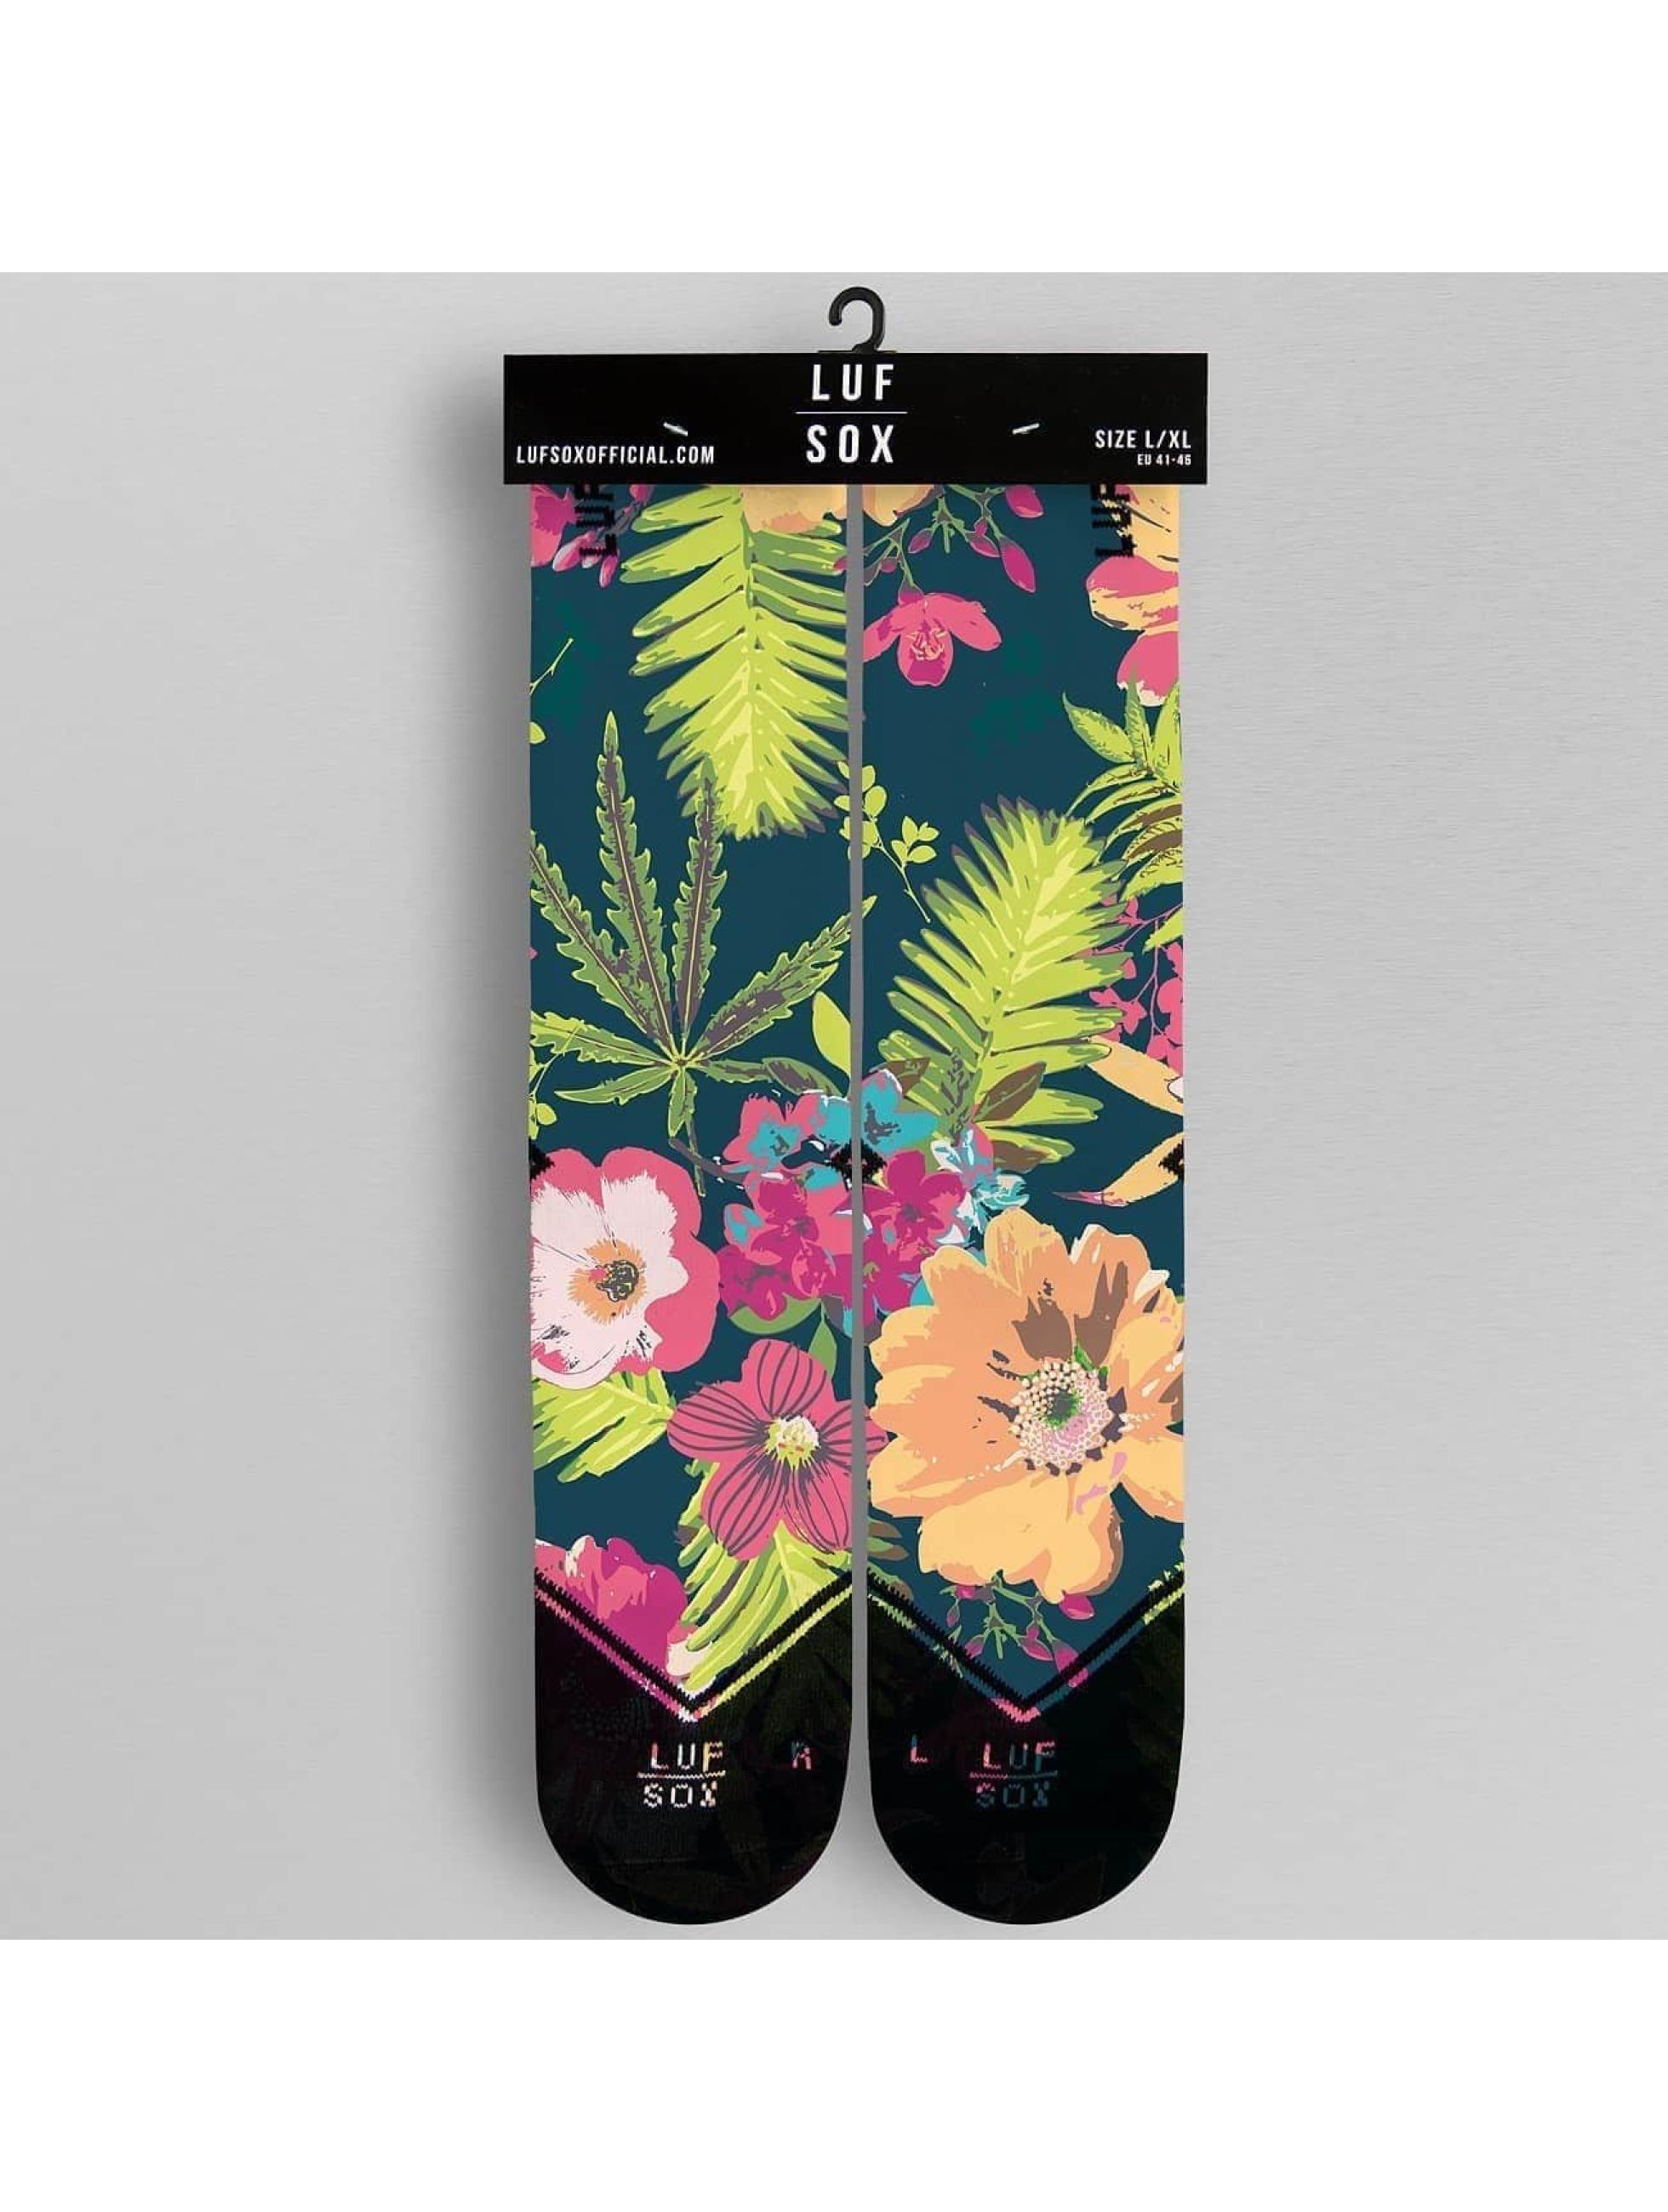 LUF SOX Männer,Frauen Socken Tropic in bunt